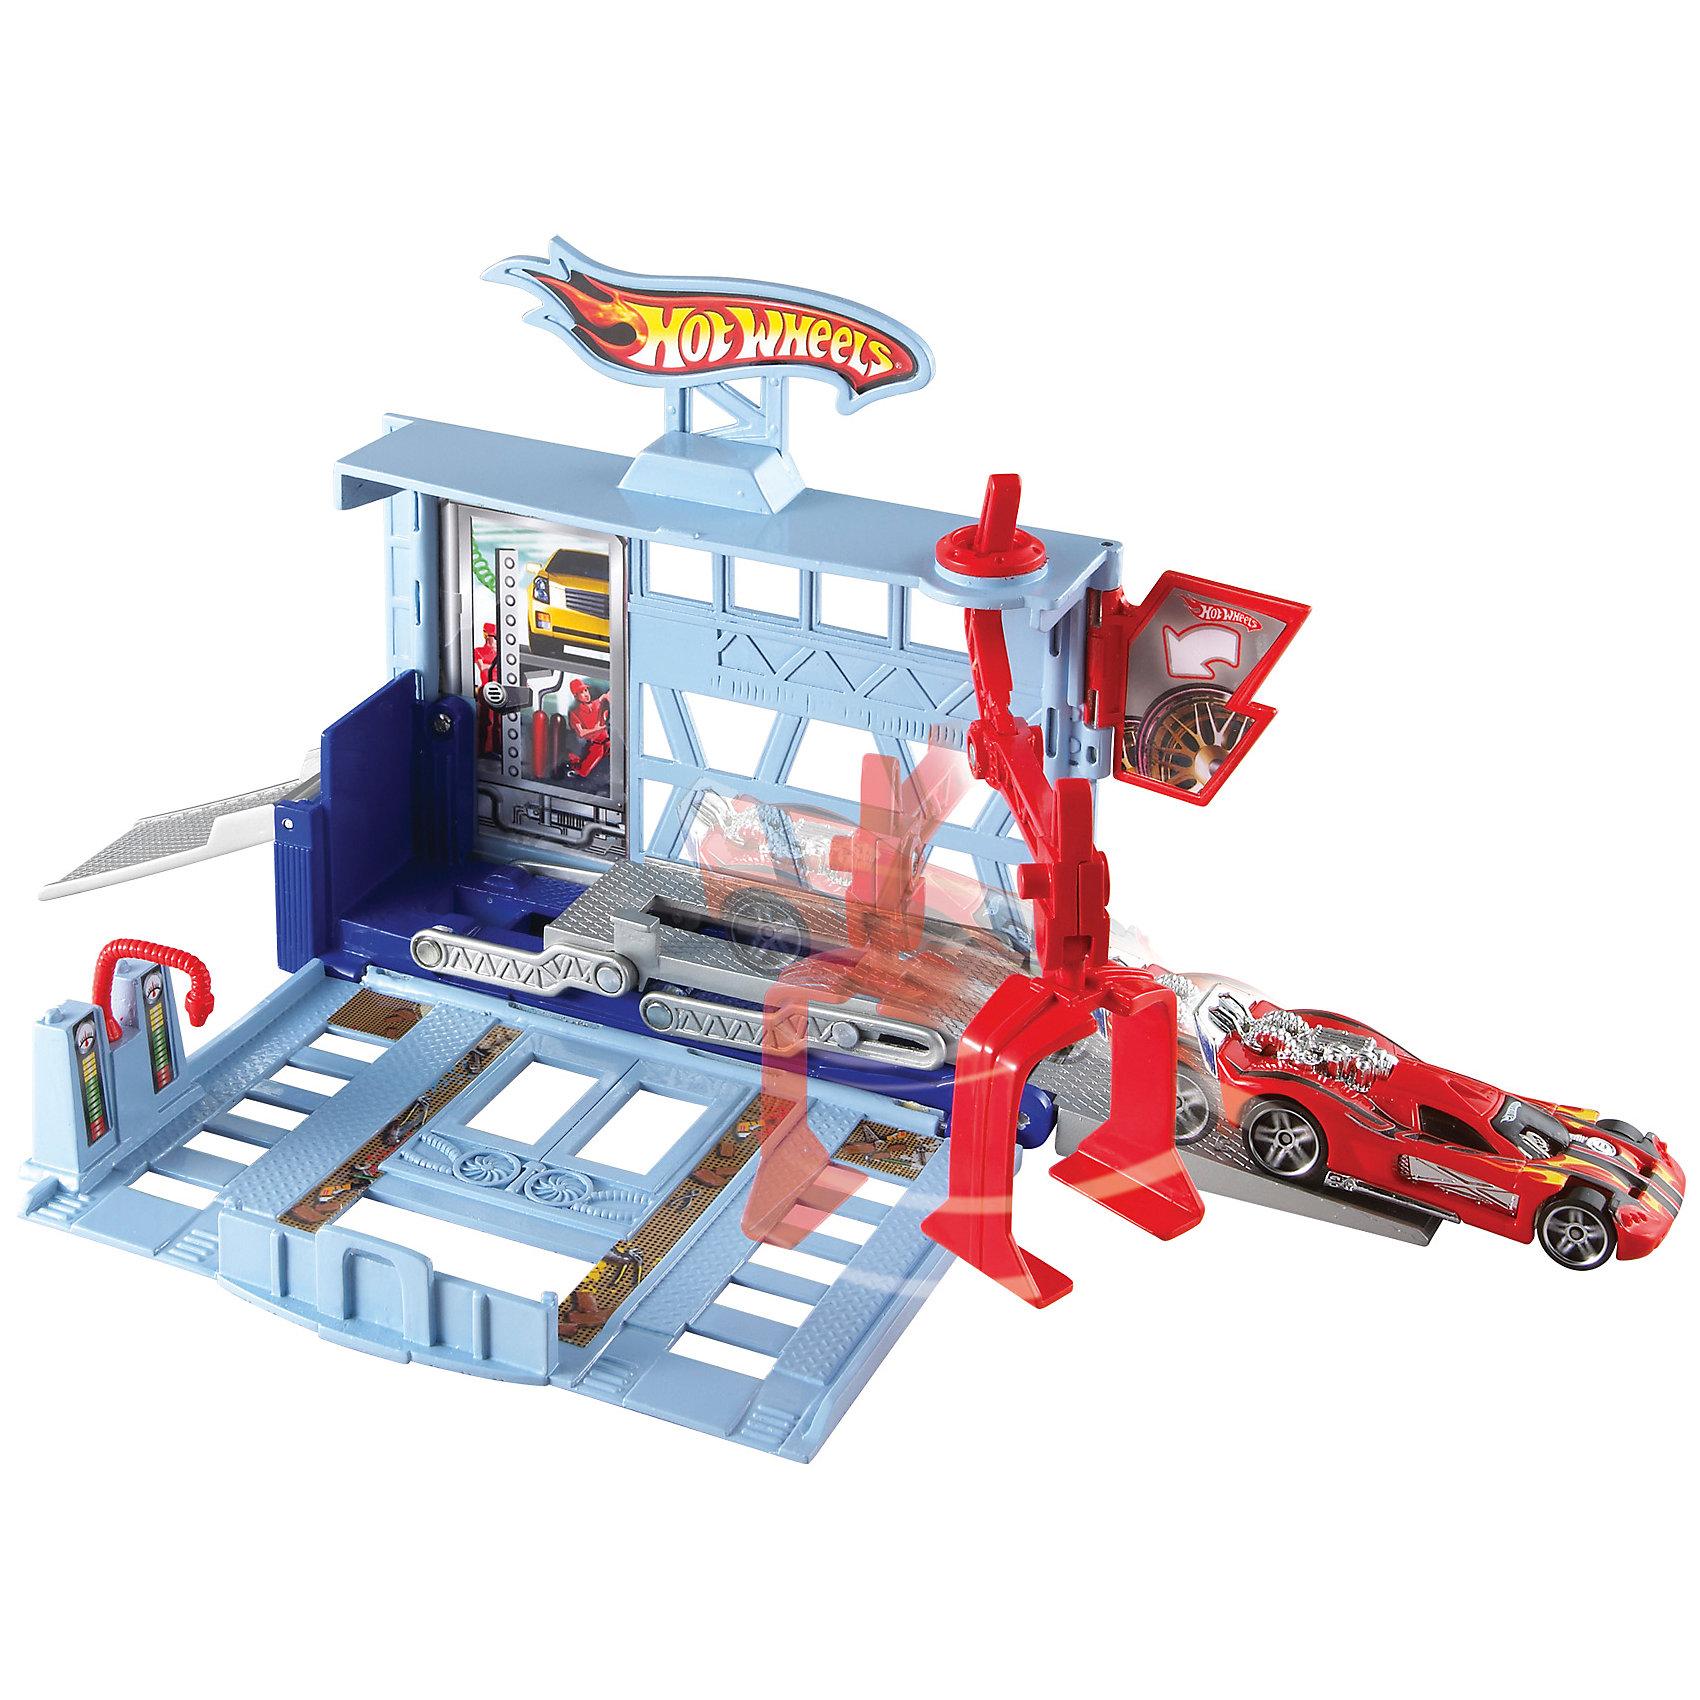 Mattel Игровой набор Город, Hot Wheels игровые наборы mattel форсаж игровой набор